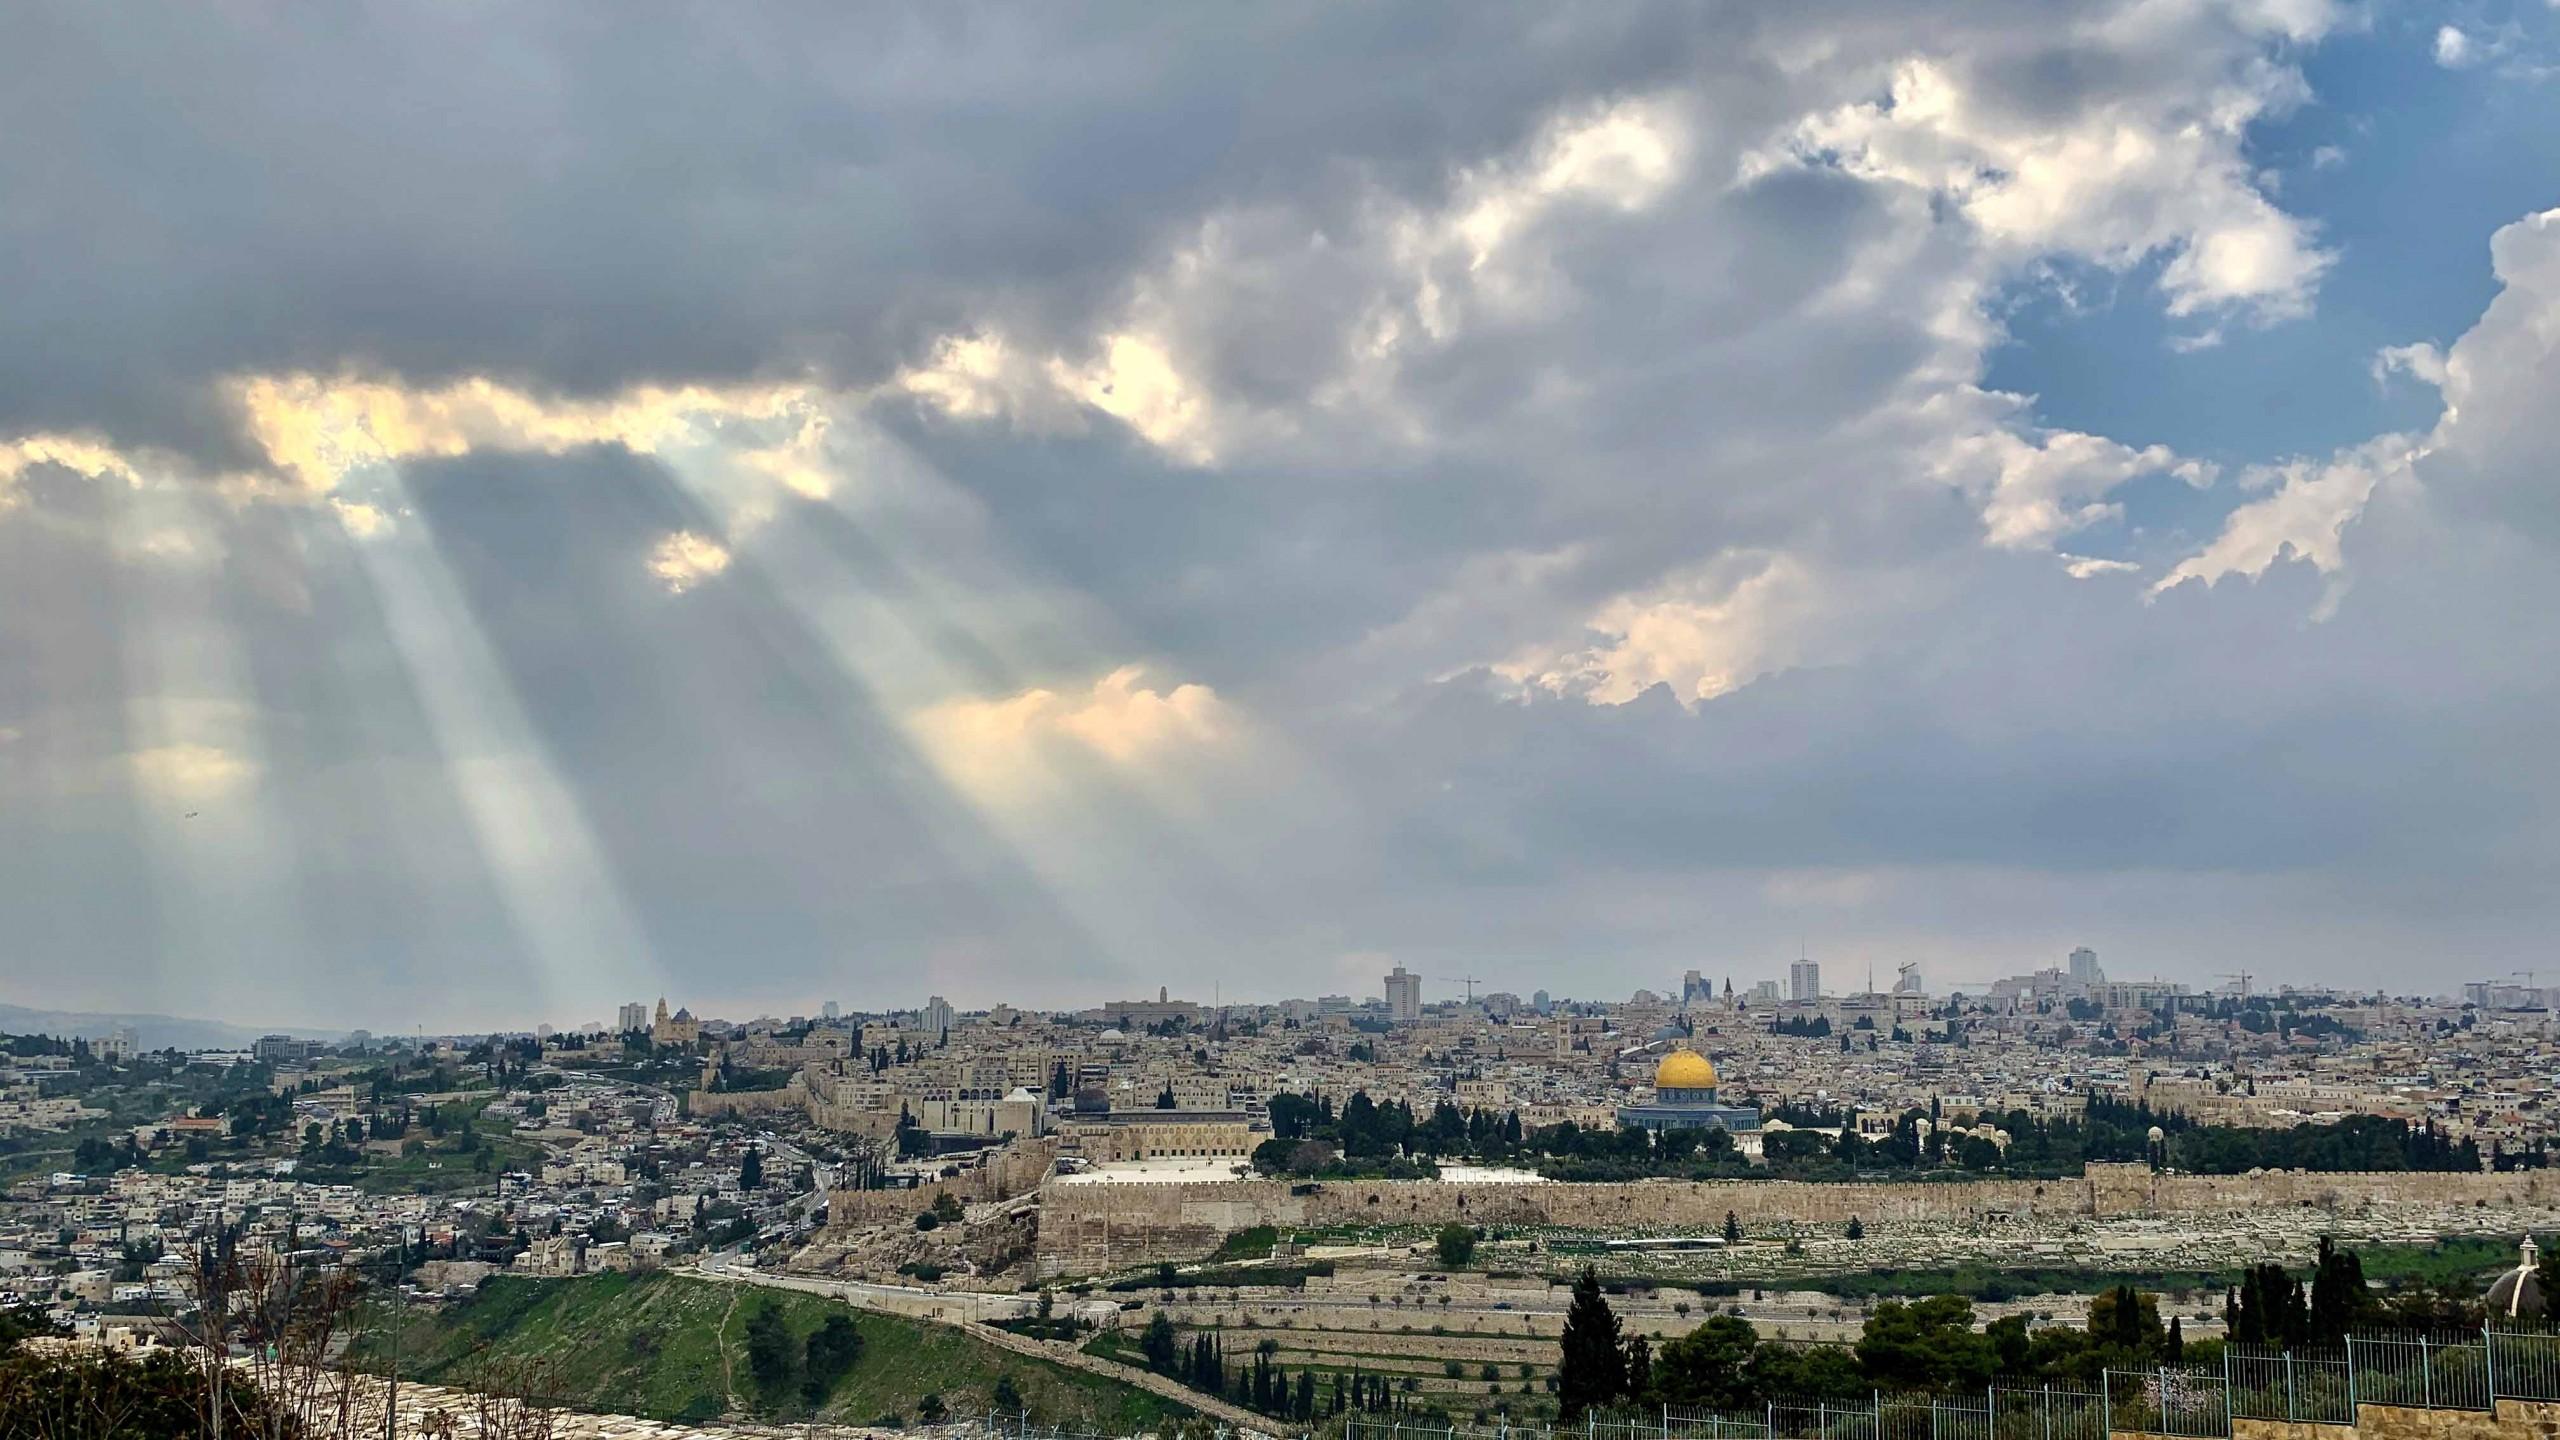 Jérusalem depuis le mont des oliviers